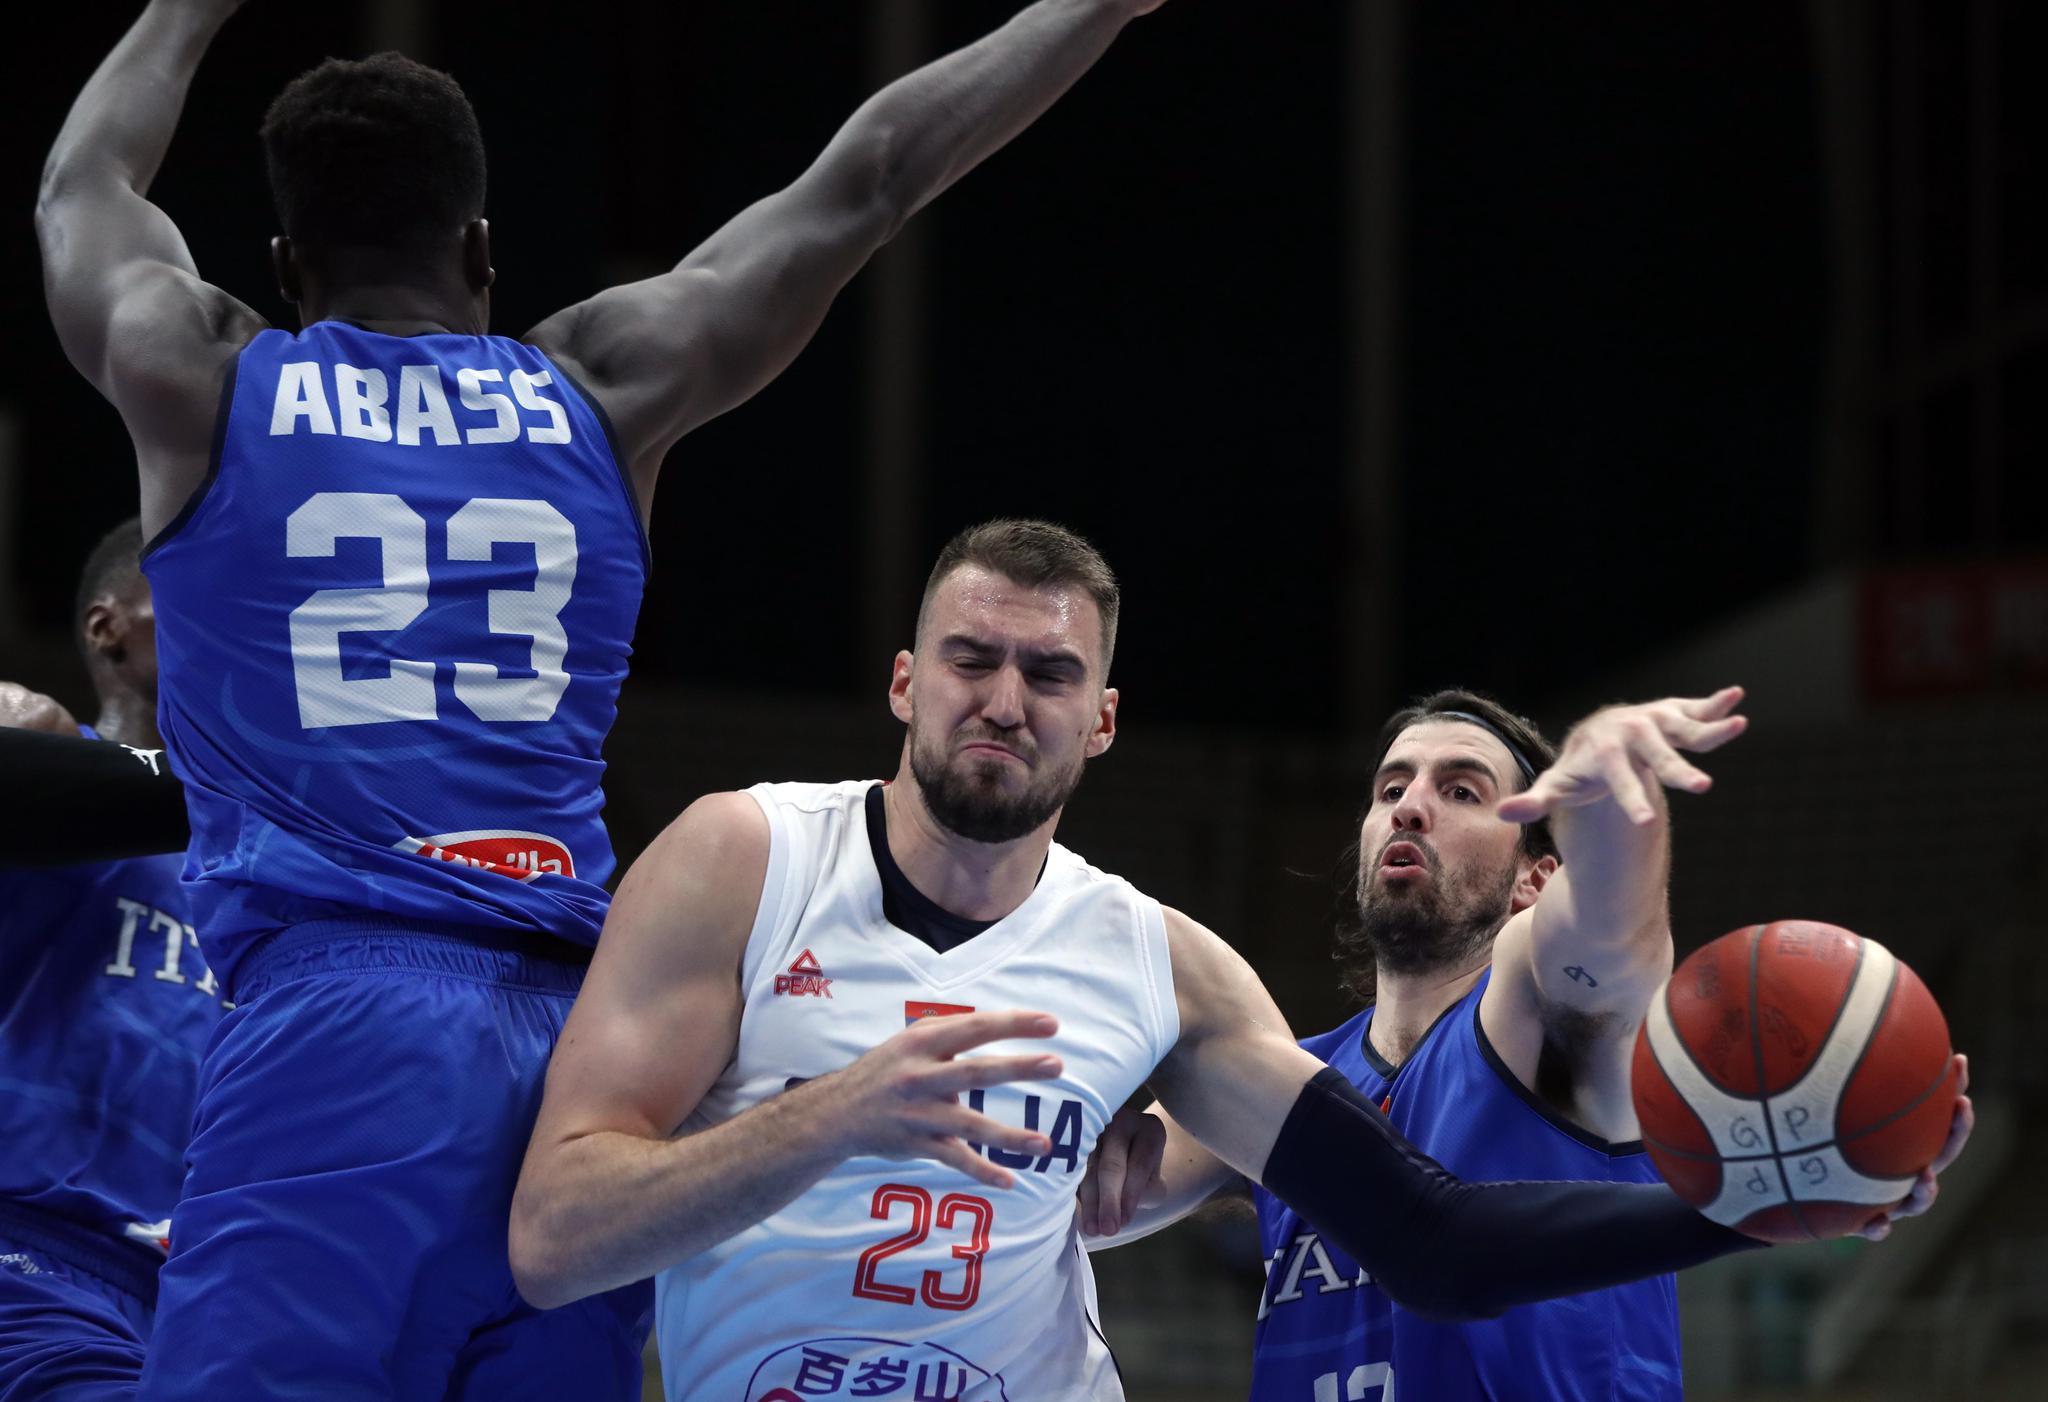 拒绝逆转 塞尔维亚男篮热身赛战胜意大利